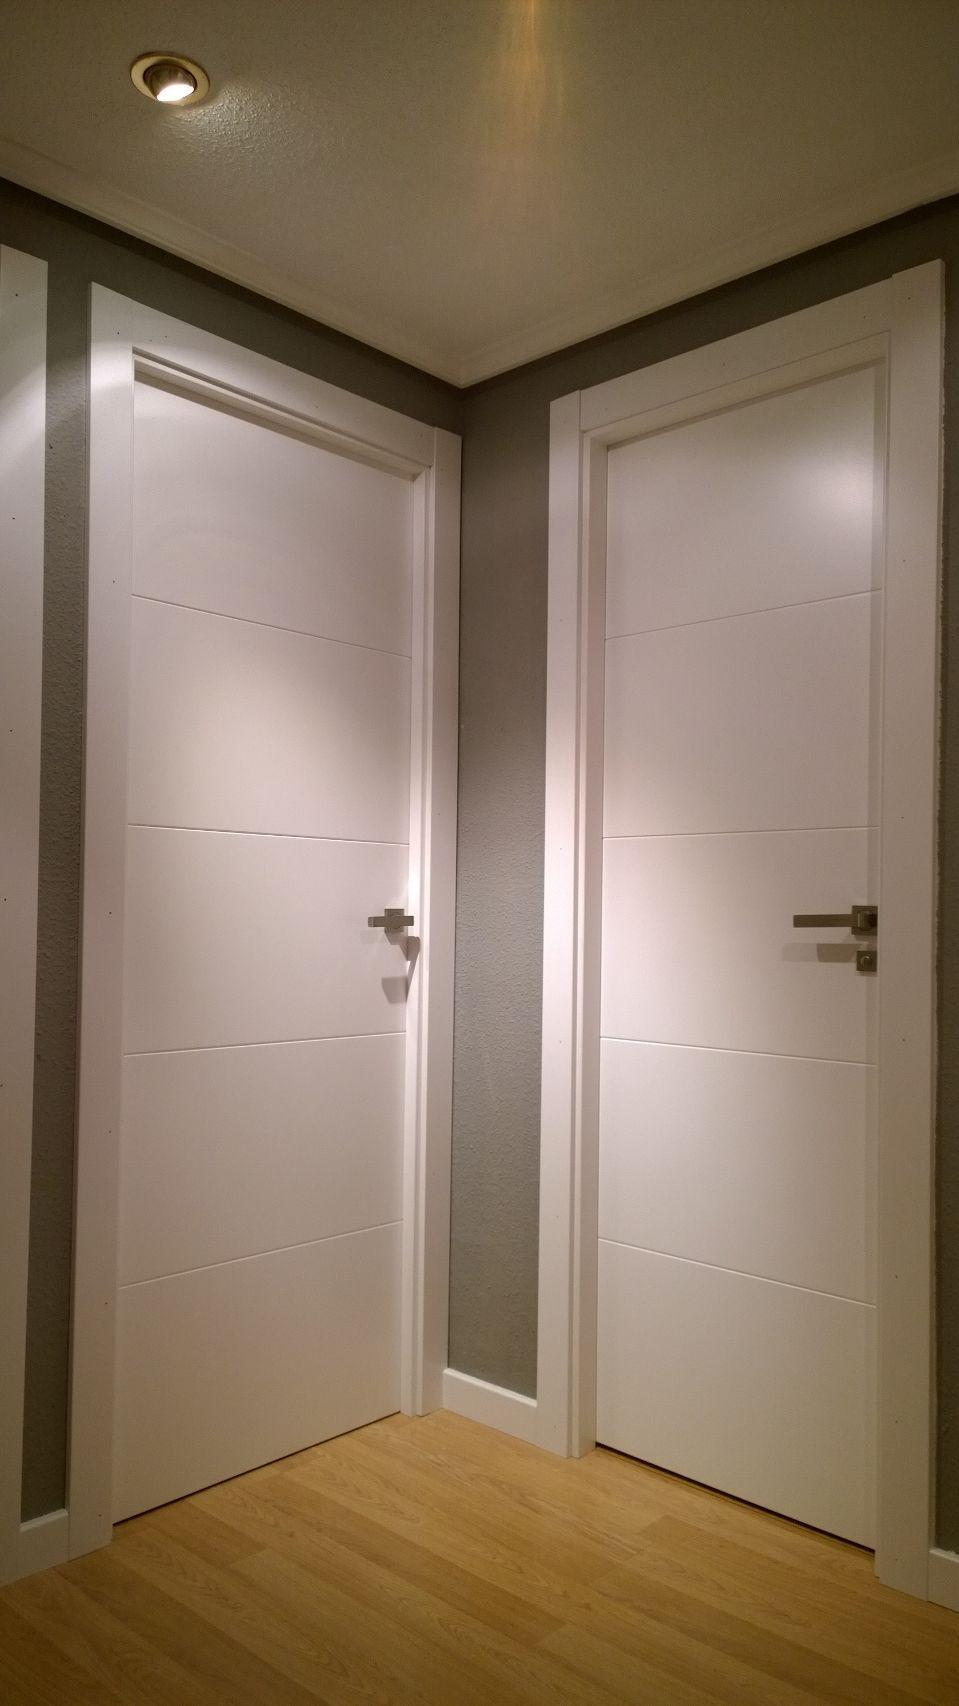 Puerta Lacada Mod 9005 De Puertas Sanrafael Instalado Por  ~ Precio Puerta Lacada Blanca Instalada